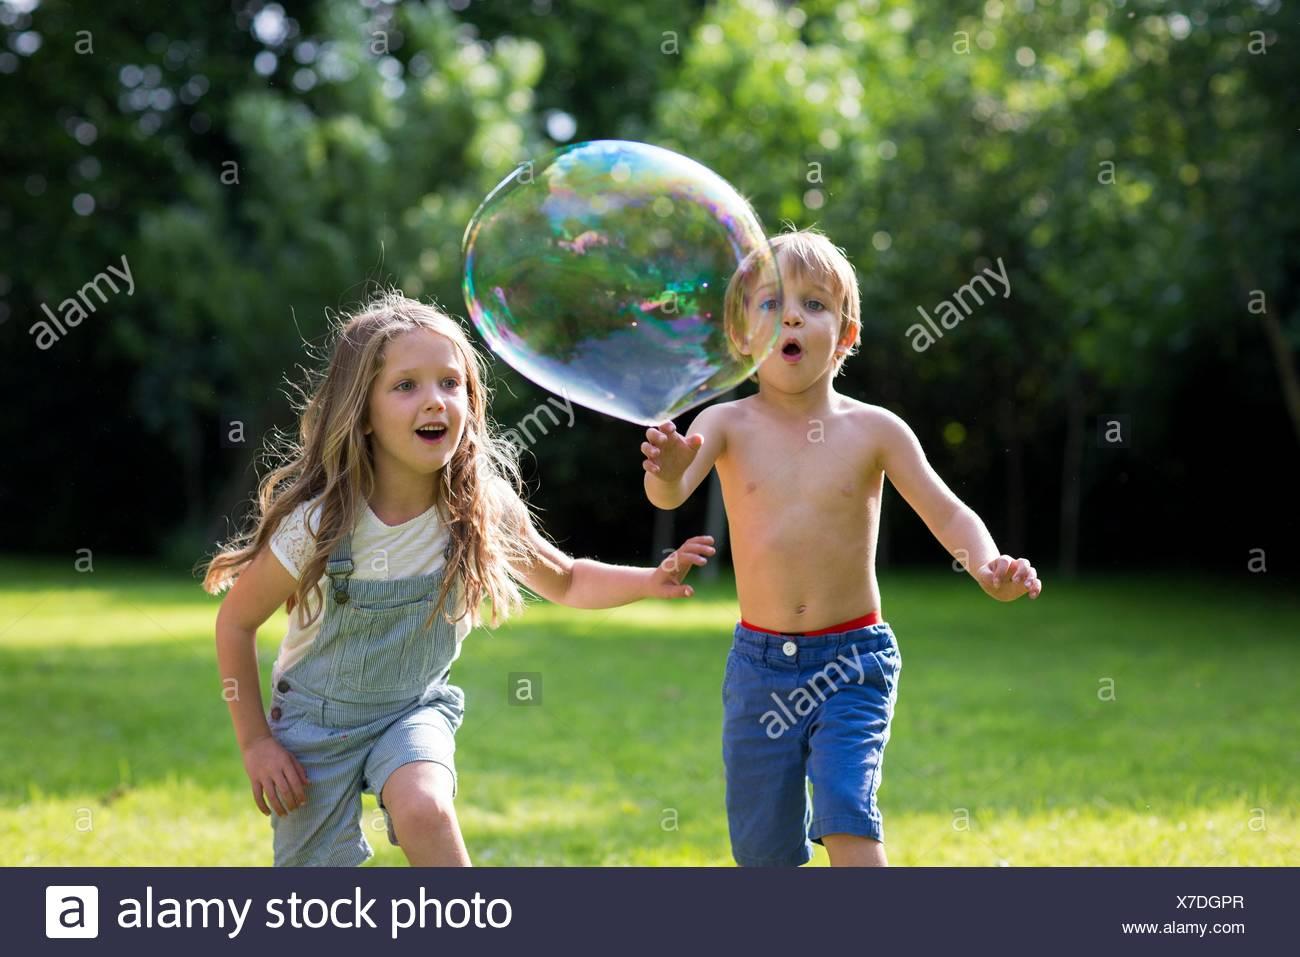 Parution de la propriété. Parution du modèle. Frère et sœur chassant bulles dans le jardin. Banque D'Images